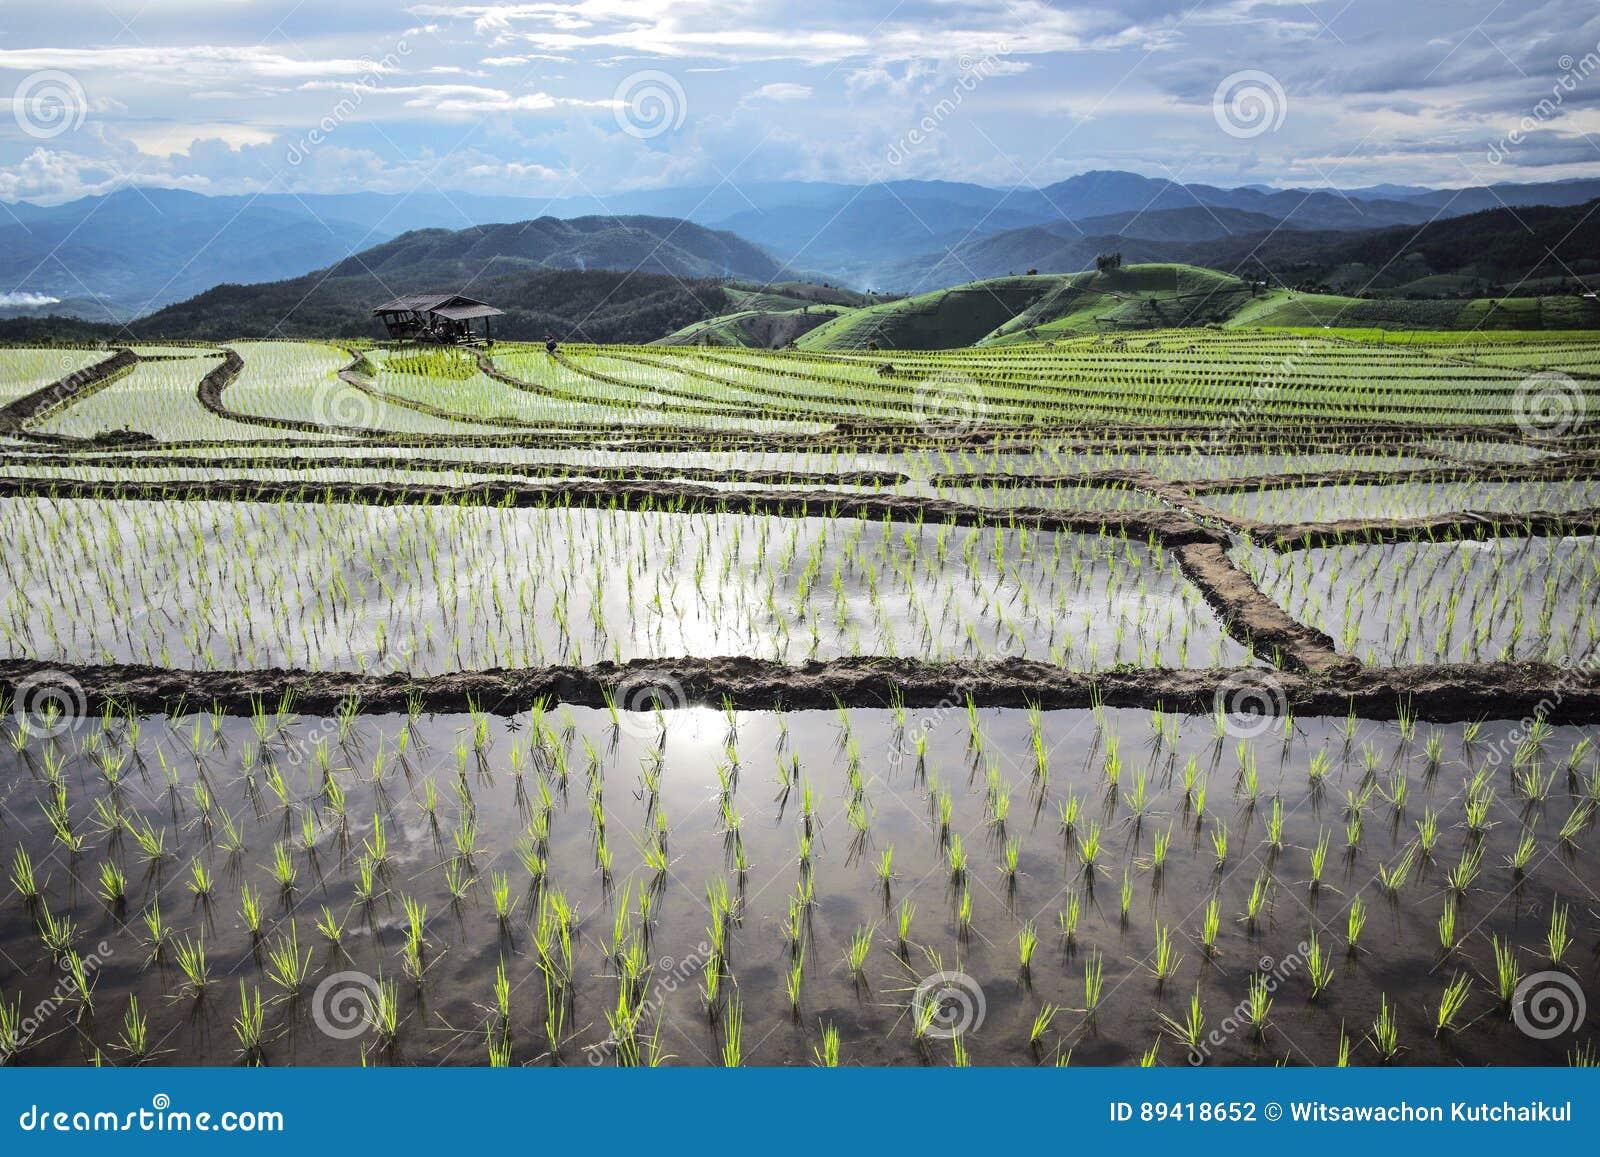 Agricultura em montanhas altas